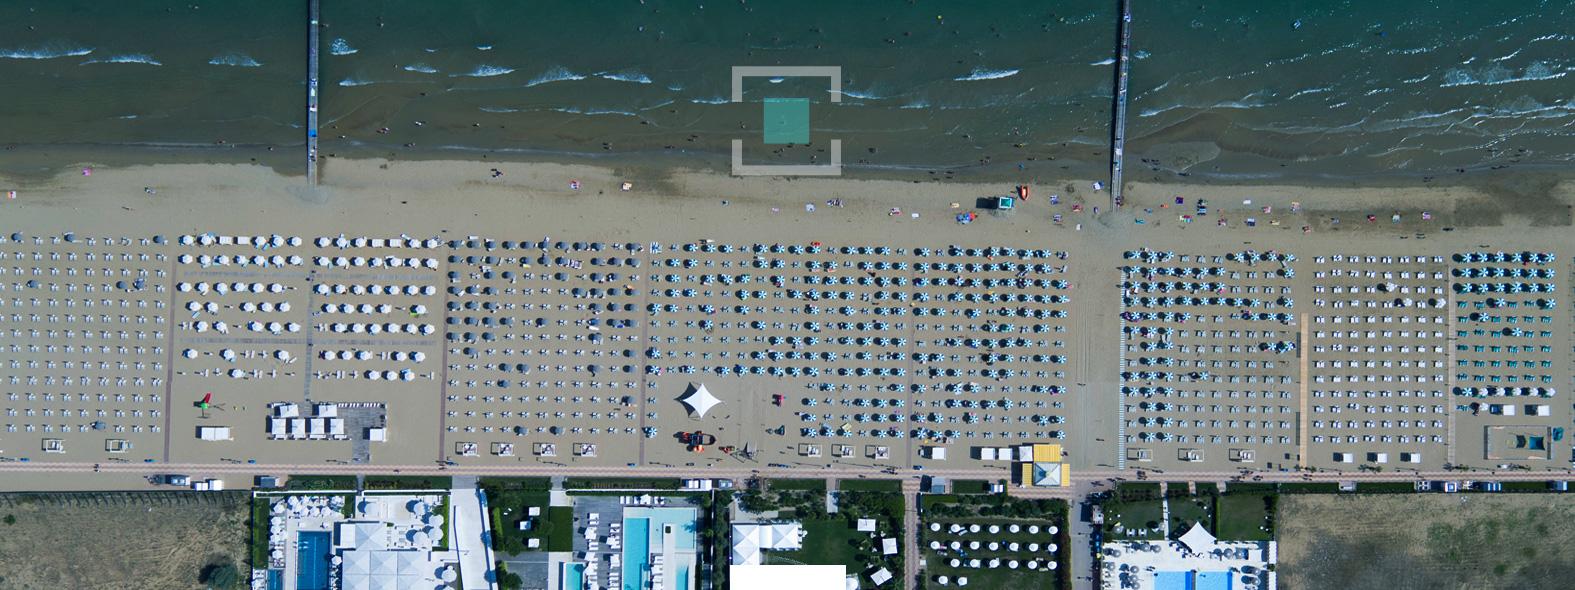 Bracket beach 023f3a22fc73ed731dced4d9f4e13ce489c2a3ff7f413ef2dcf28b786340ee2c